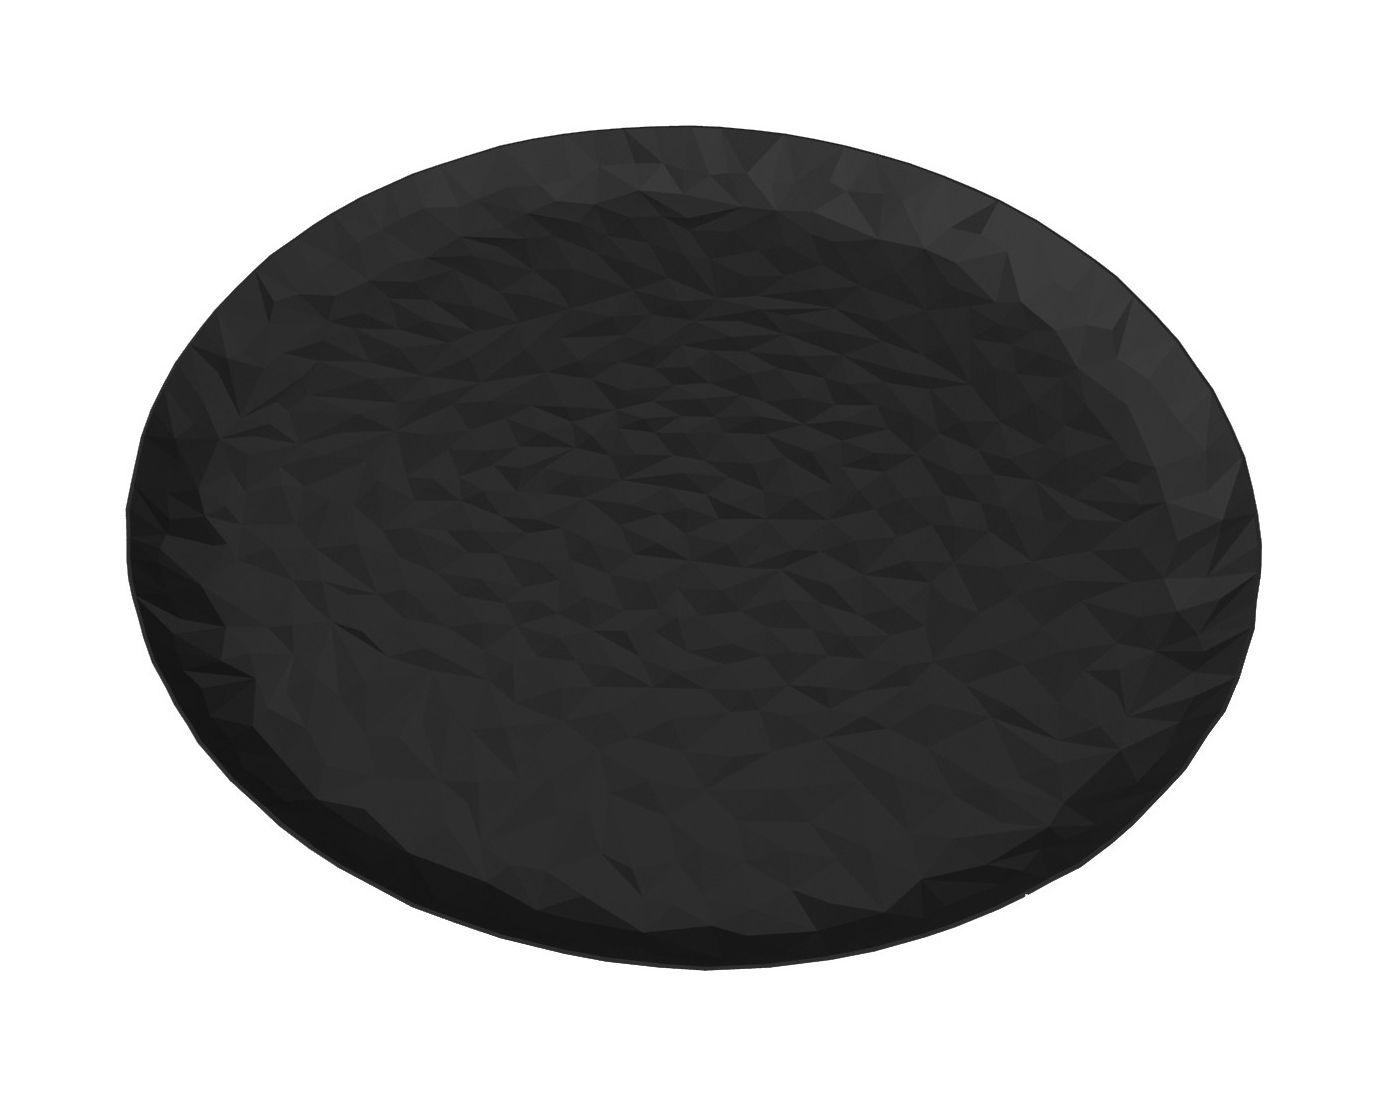 Arts de la table - Plateaux - Plateau Joy N.3 / Ø 40 cm - Alessi - Noir - Acier inoxydable avec coloration résine époxy